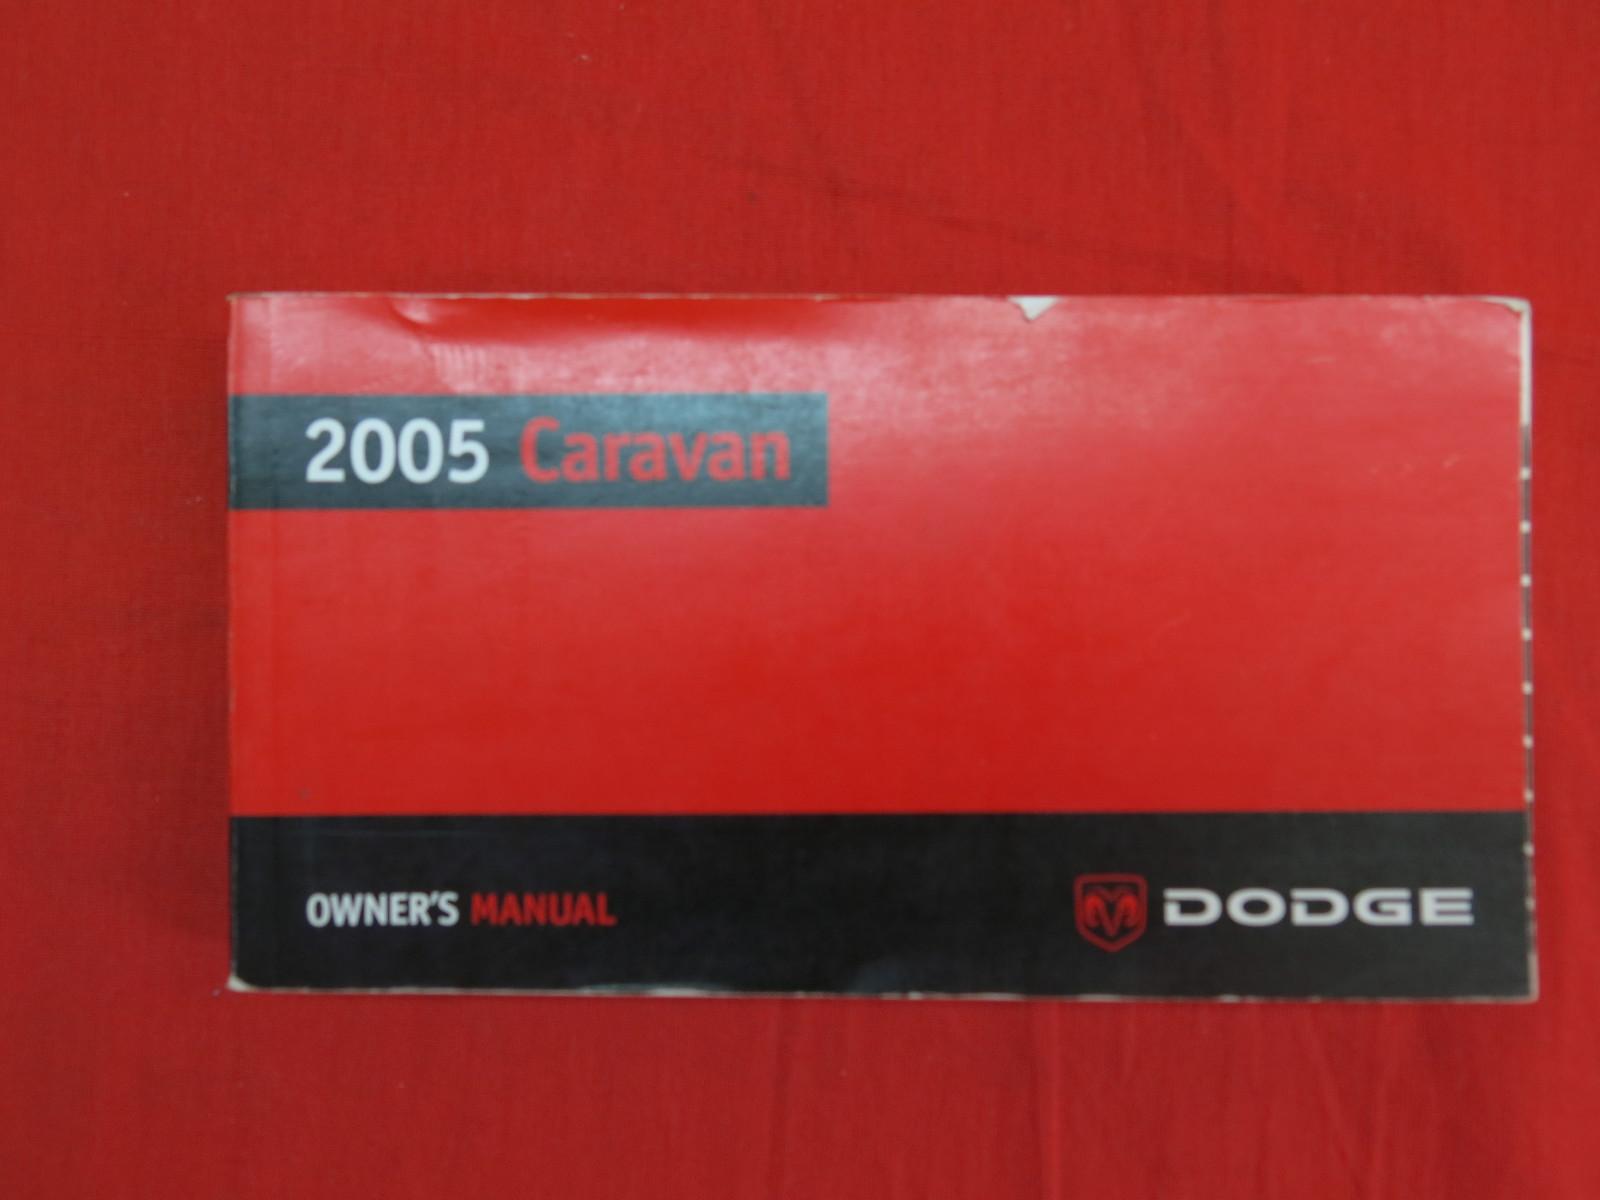 2005 Dodge Caravan Owners Manual Guide Book